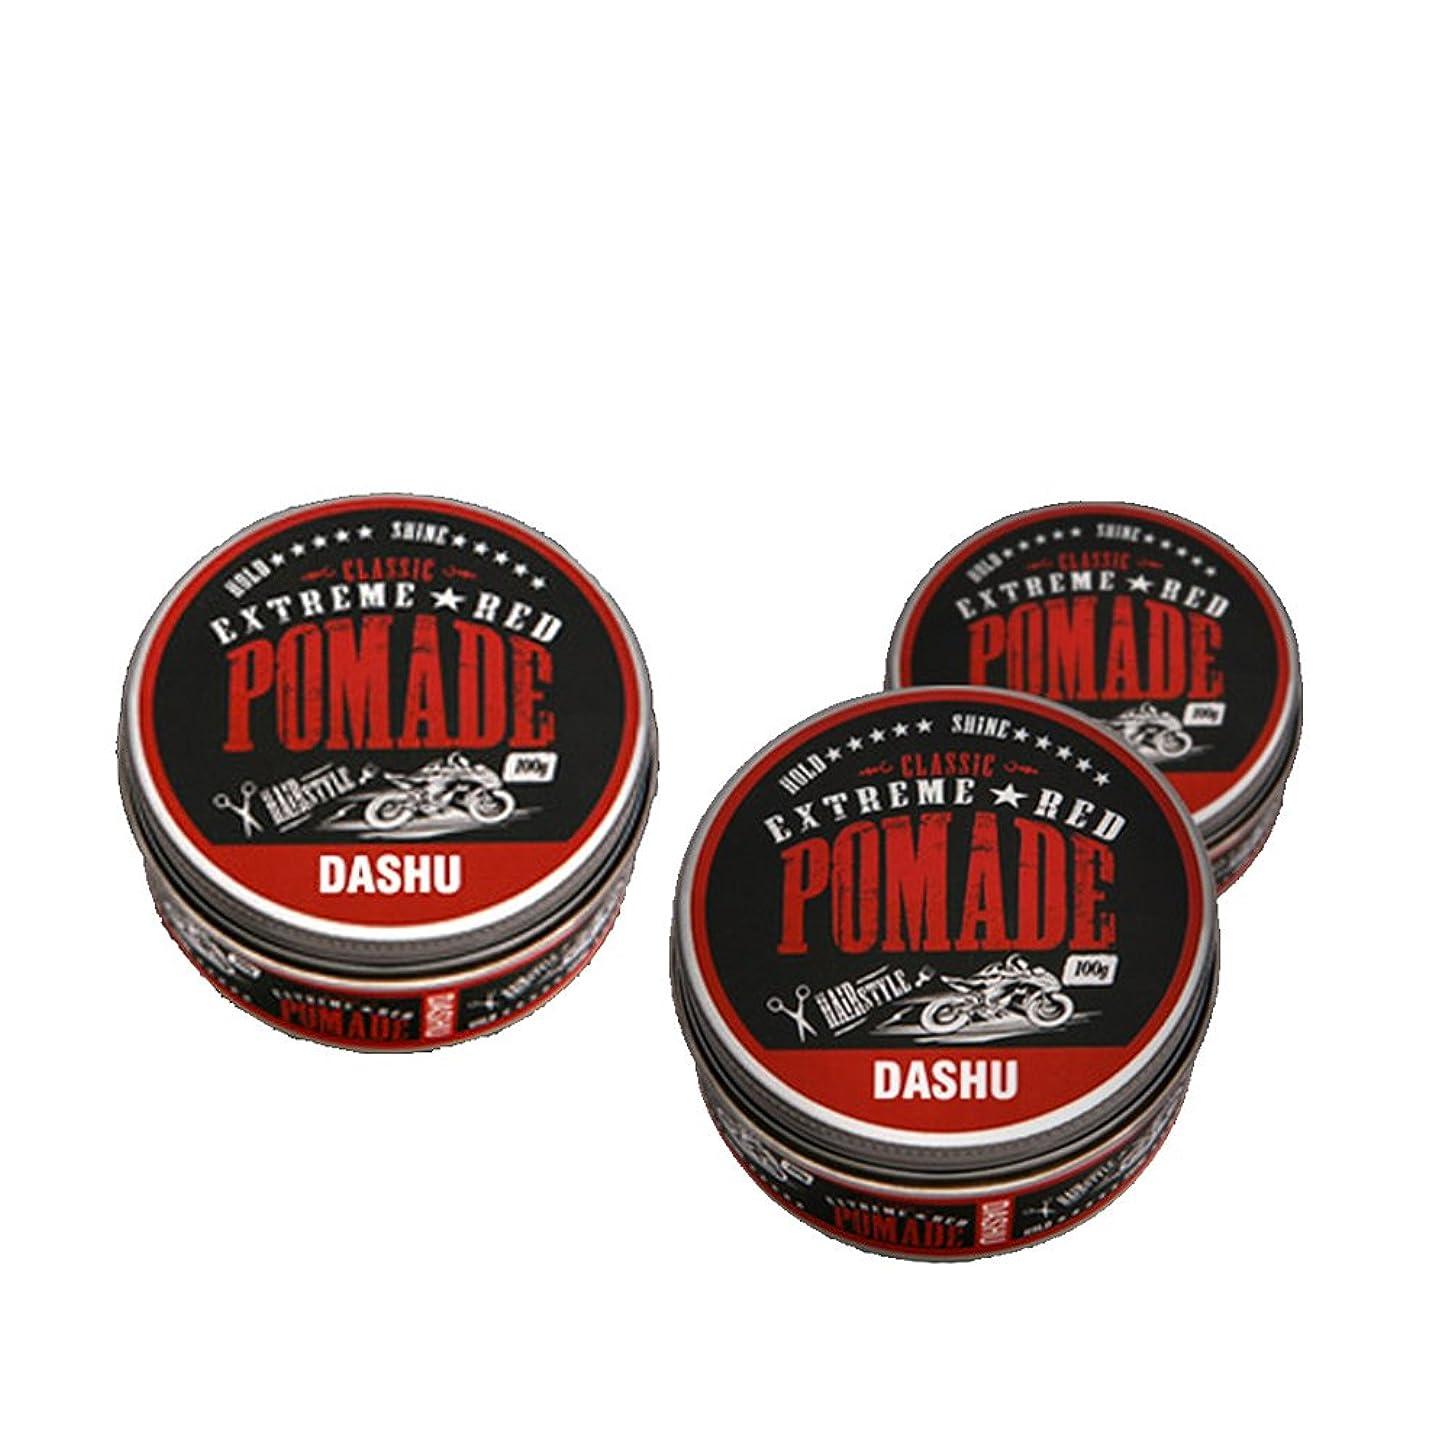 トースト前提博覧会(3個セット) x [DASHU] ダシュ クラシックエクストリームレッドポマード Classic Extreme Red Pomade Hair Wax 100ml / 韓国製 . 韓国直送品